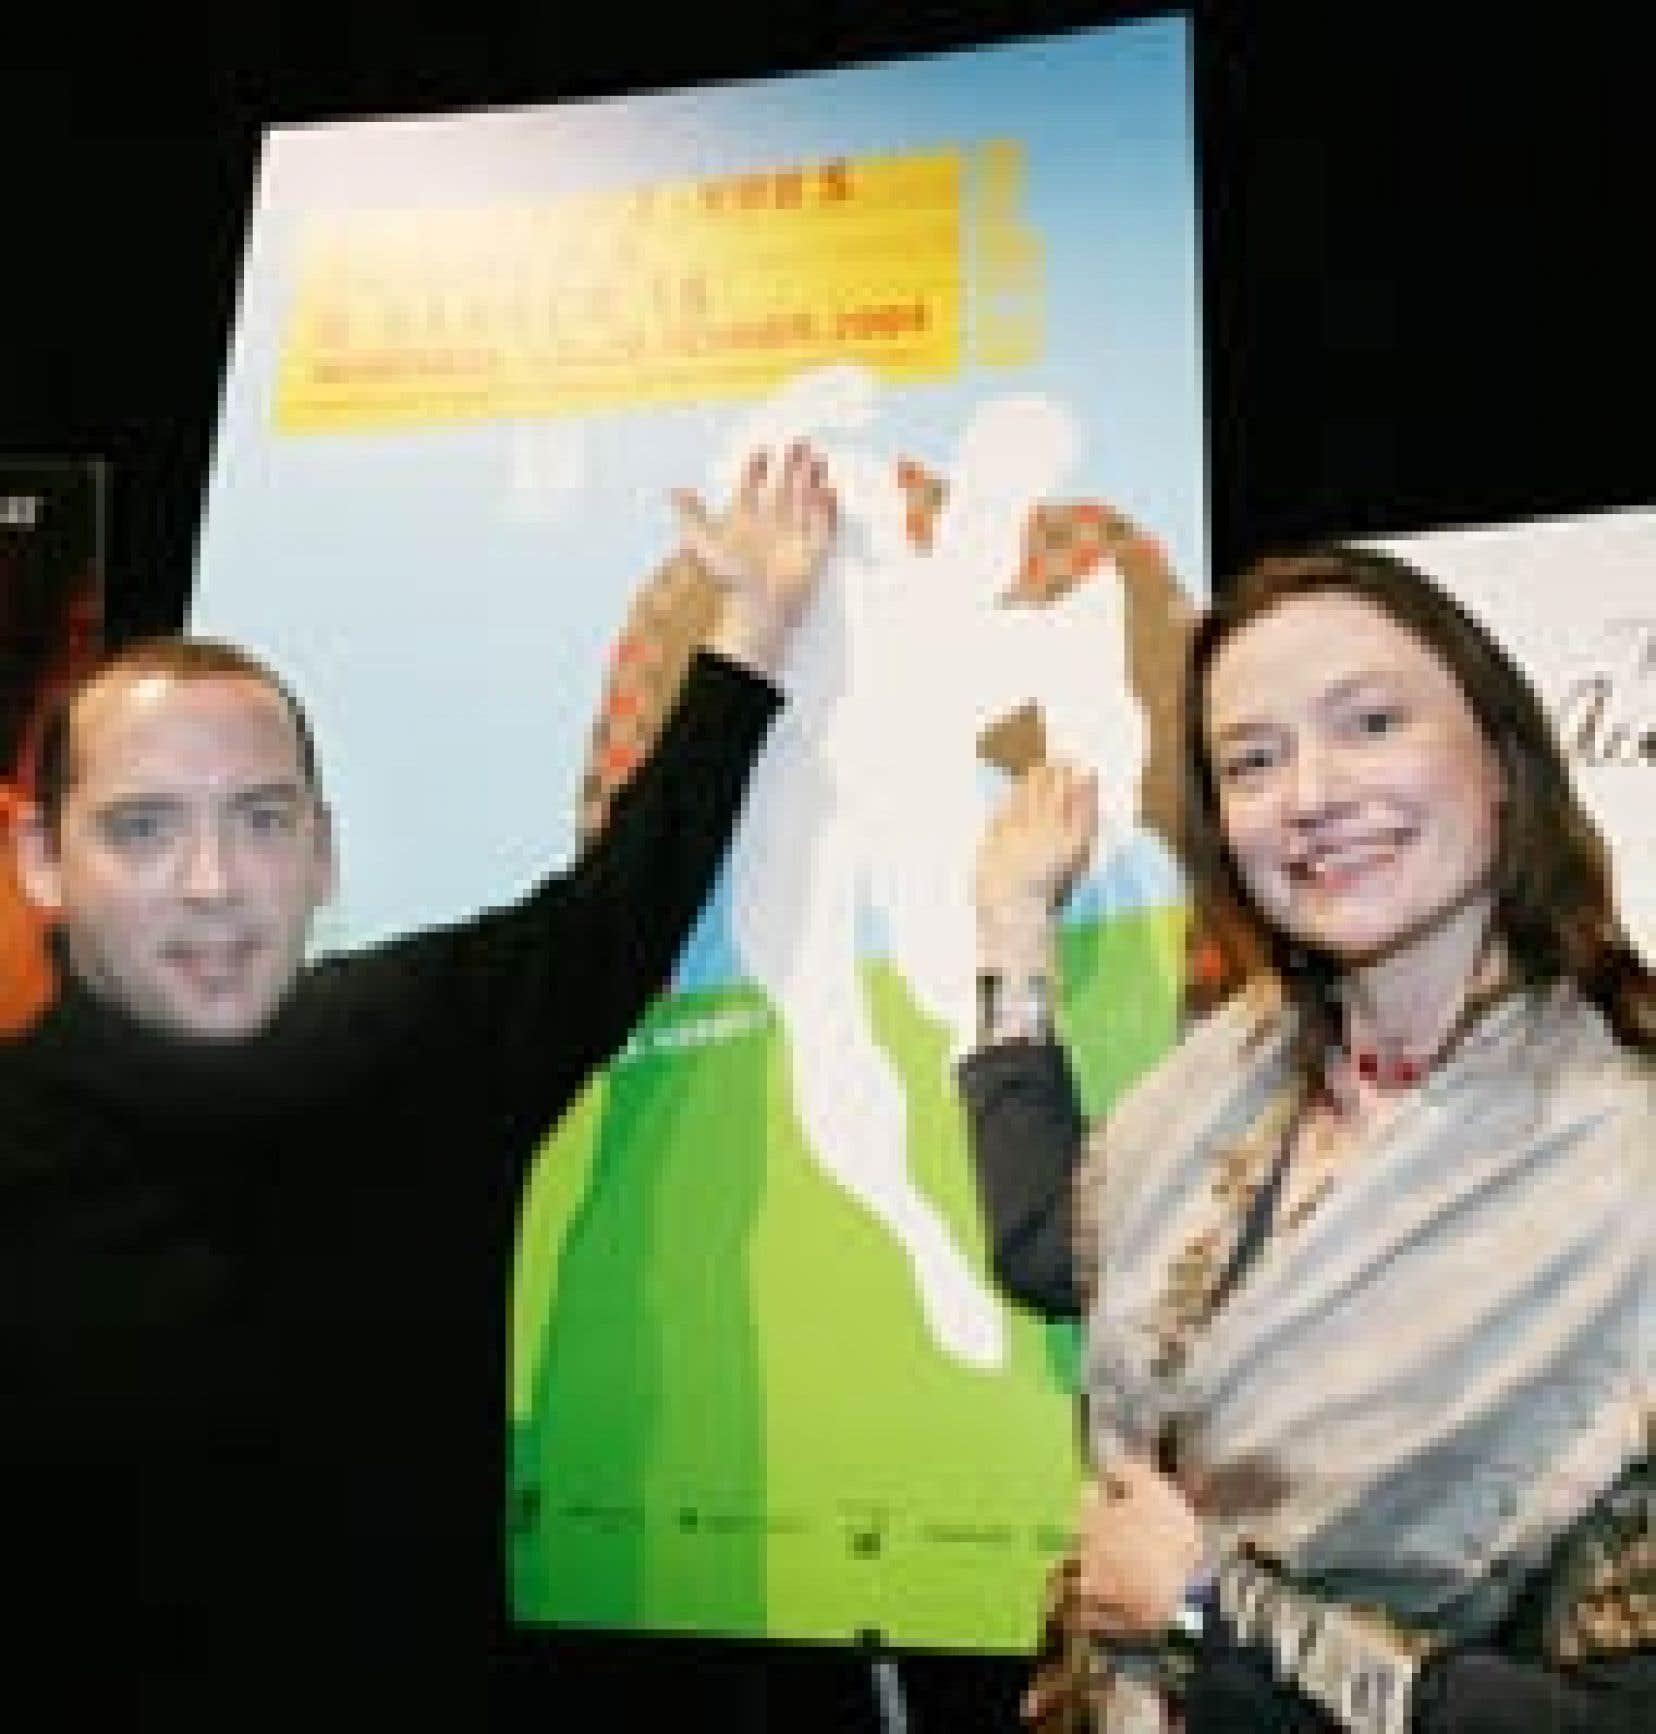 Denis Chouinard, nouveau président des Rendez-vous du cinéma québécois, était en compagnie de la directrice Ségolène Roederer hier afin de dévoiler la programmation de la 22e édition.